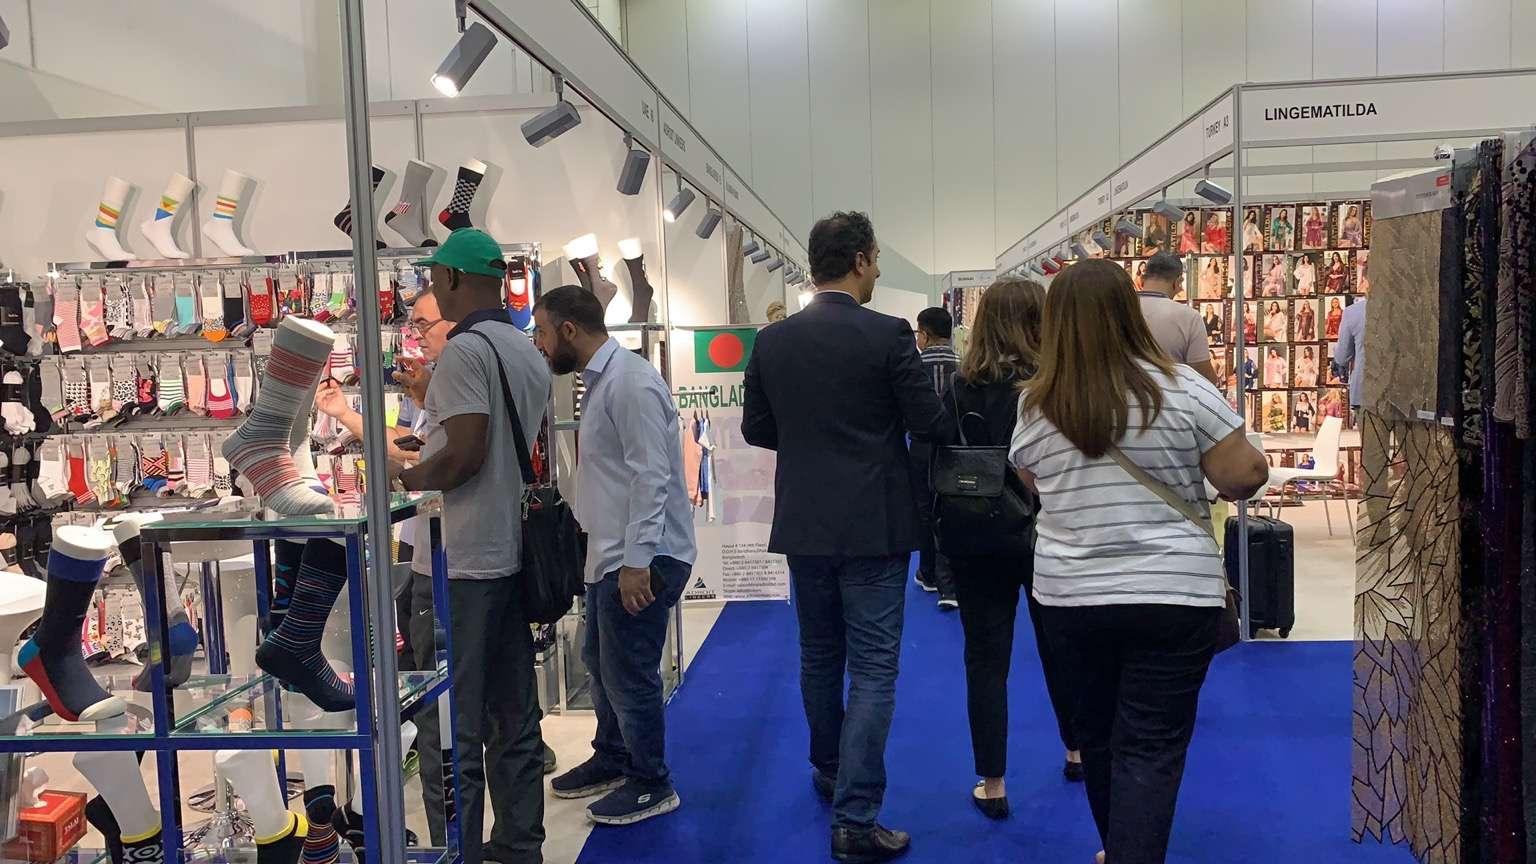 展会直播丨2019年迪拜国际纺织服装及家用纺织品展览会 IATF